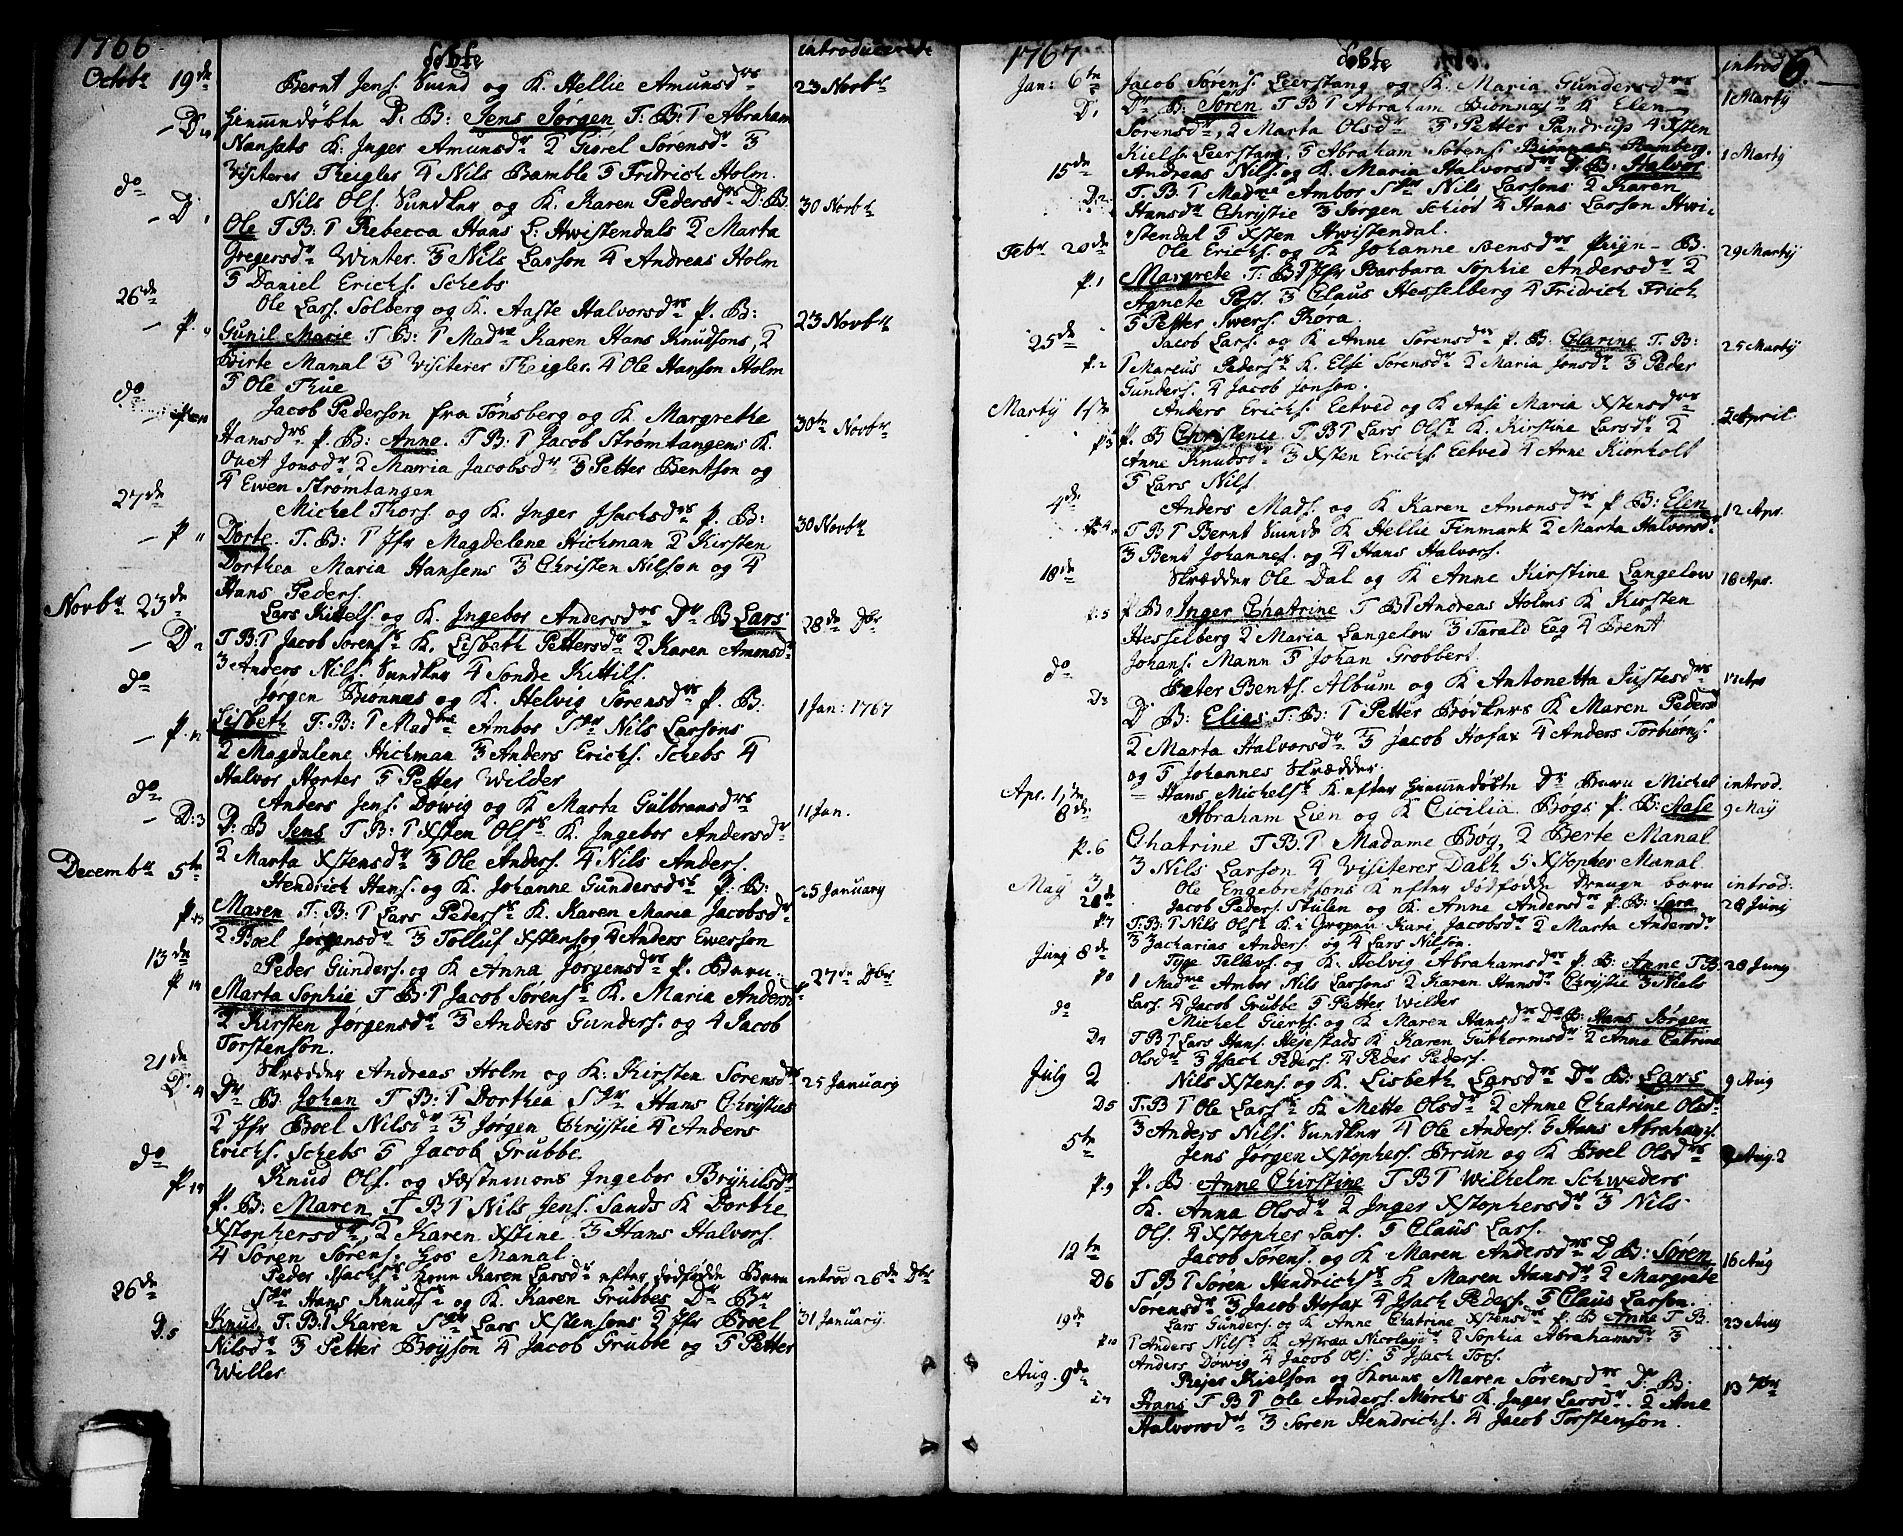 SAKO, Brevik kirkebøker, F/Fa/L0003: Ministerialbok nr. 3, 1764-1814, s. 6